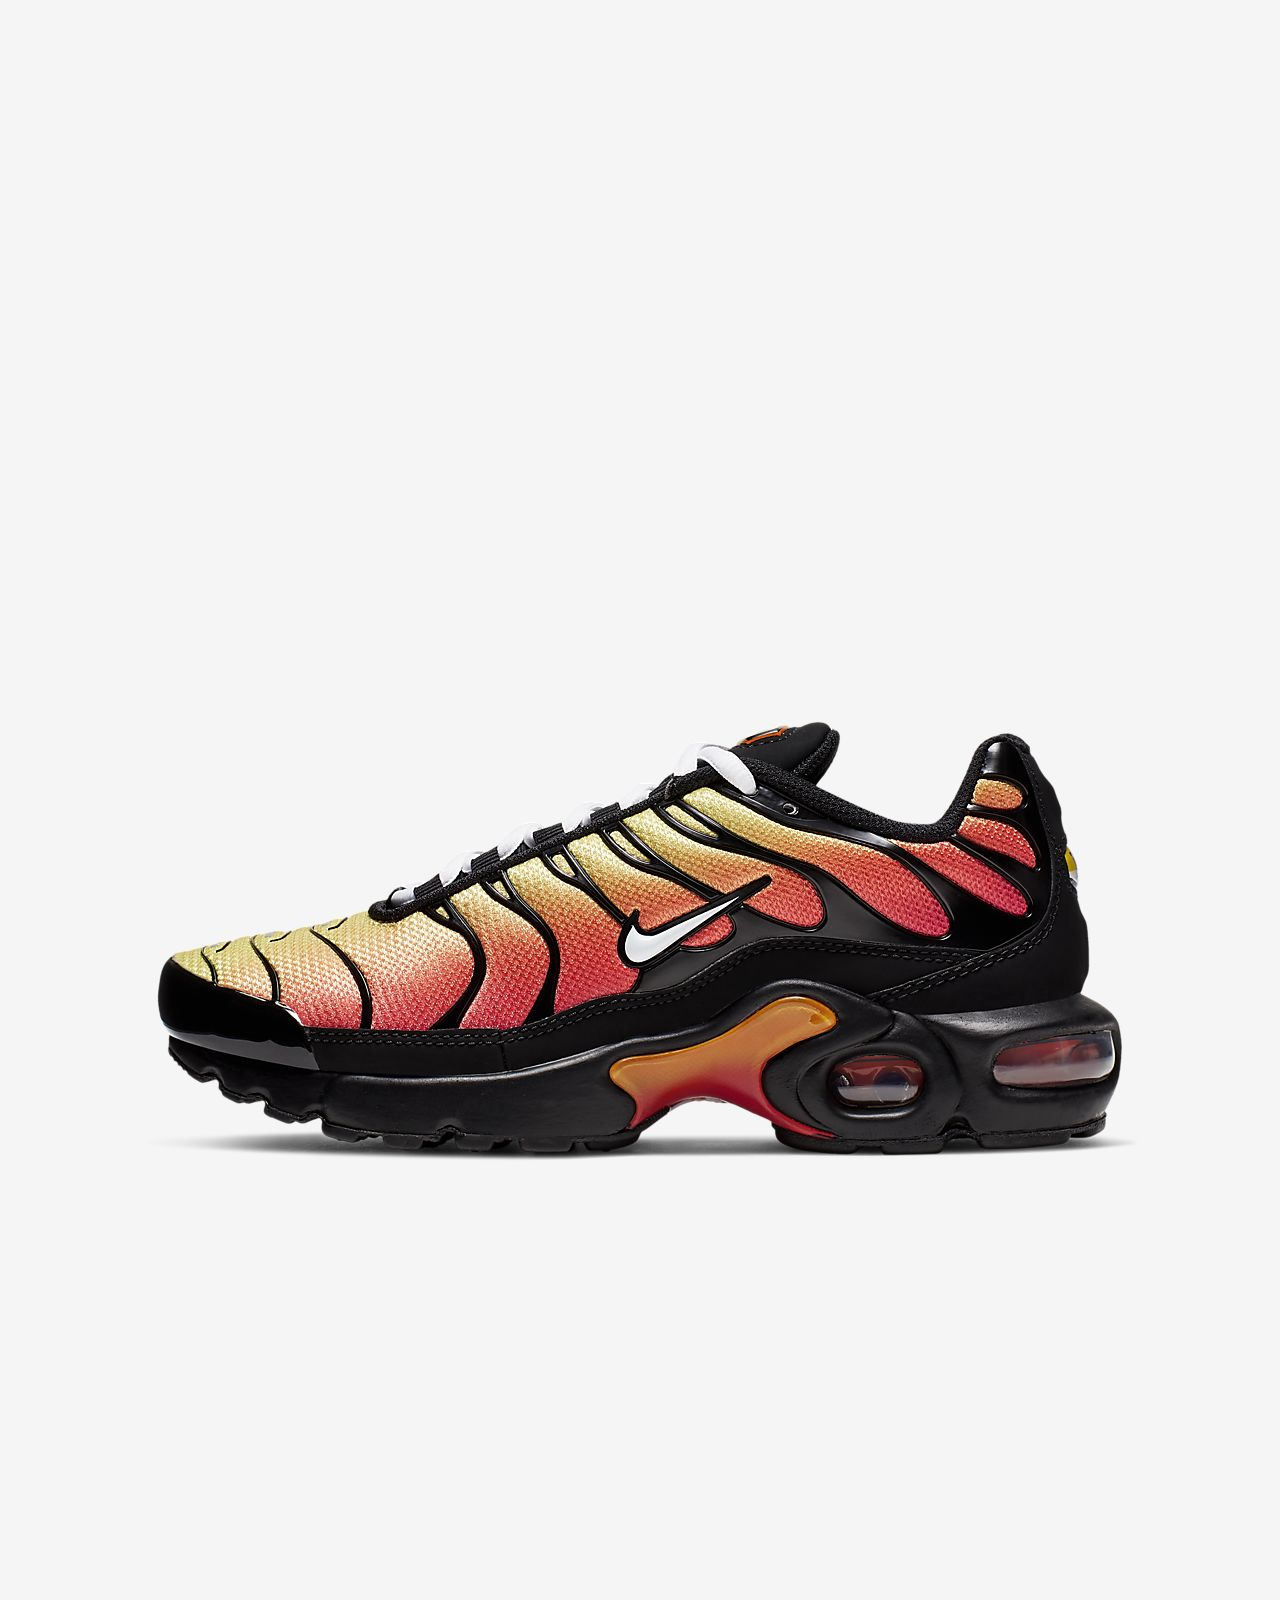 Nike Air Max Plus sko til store barn